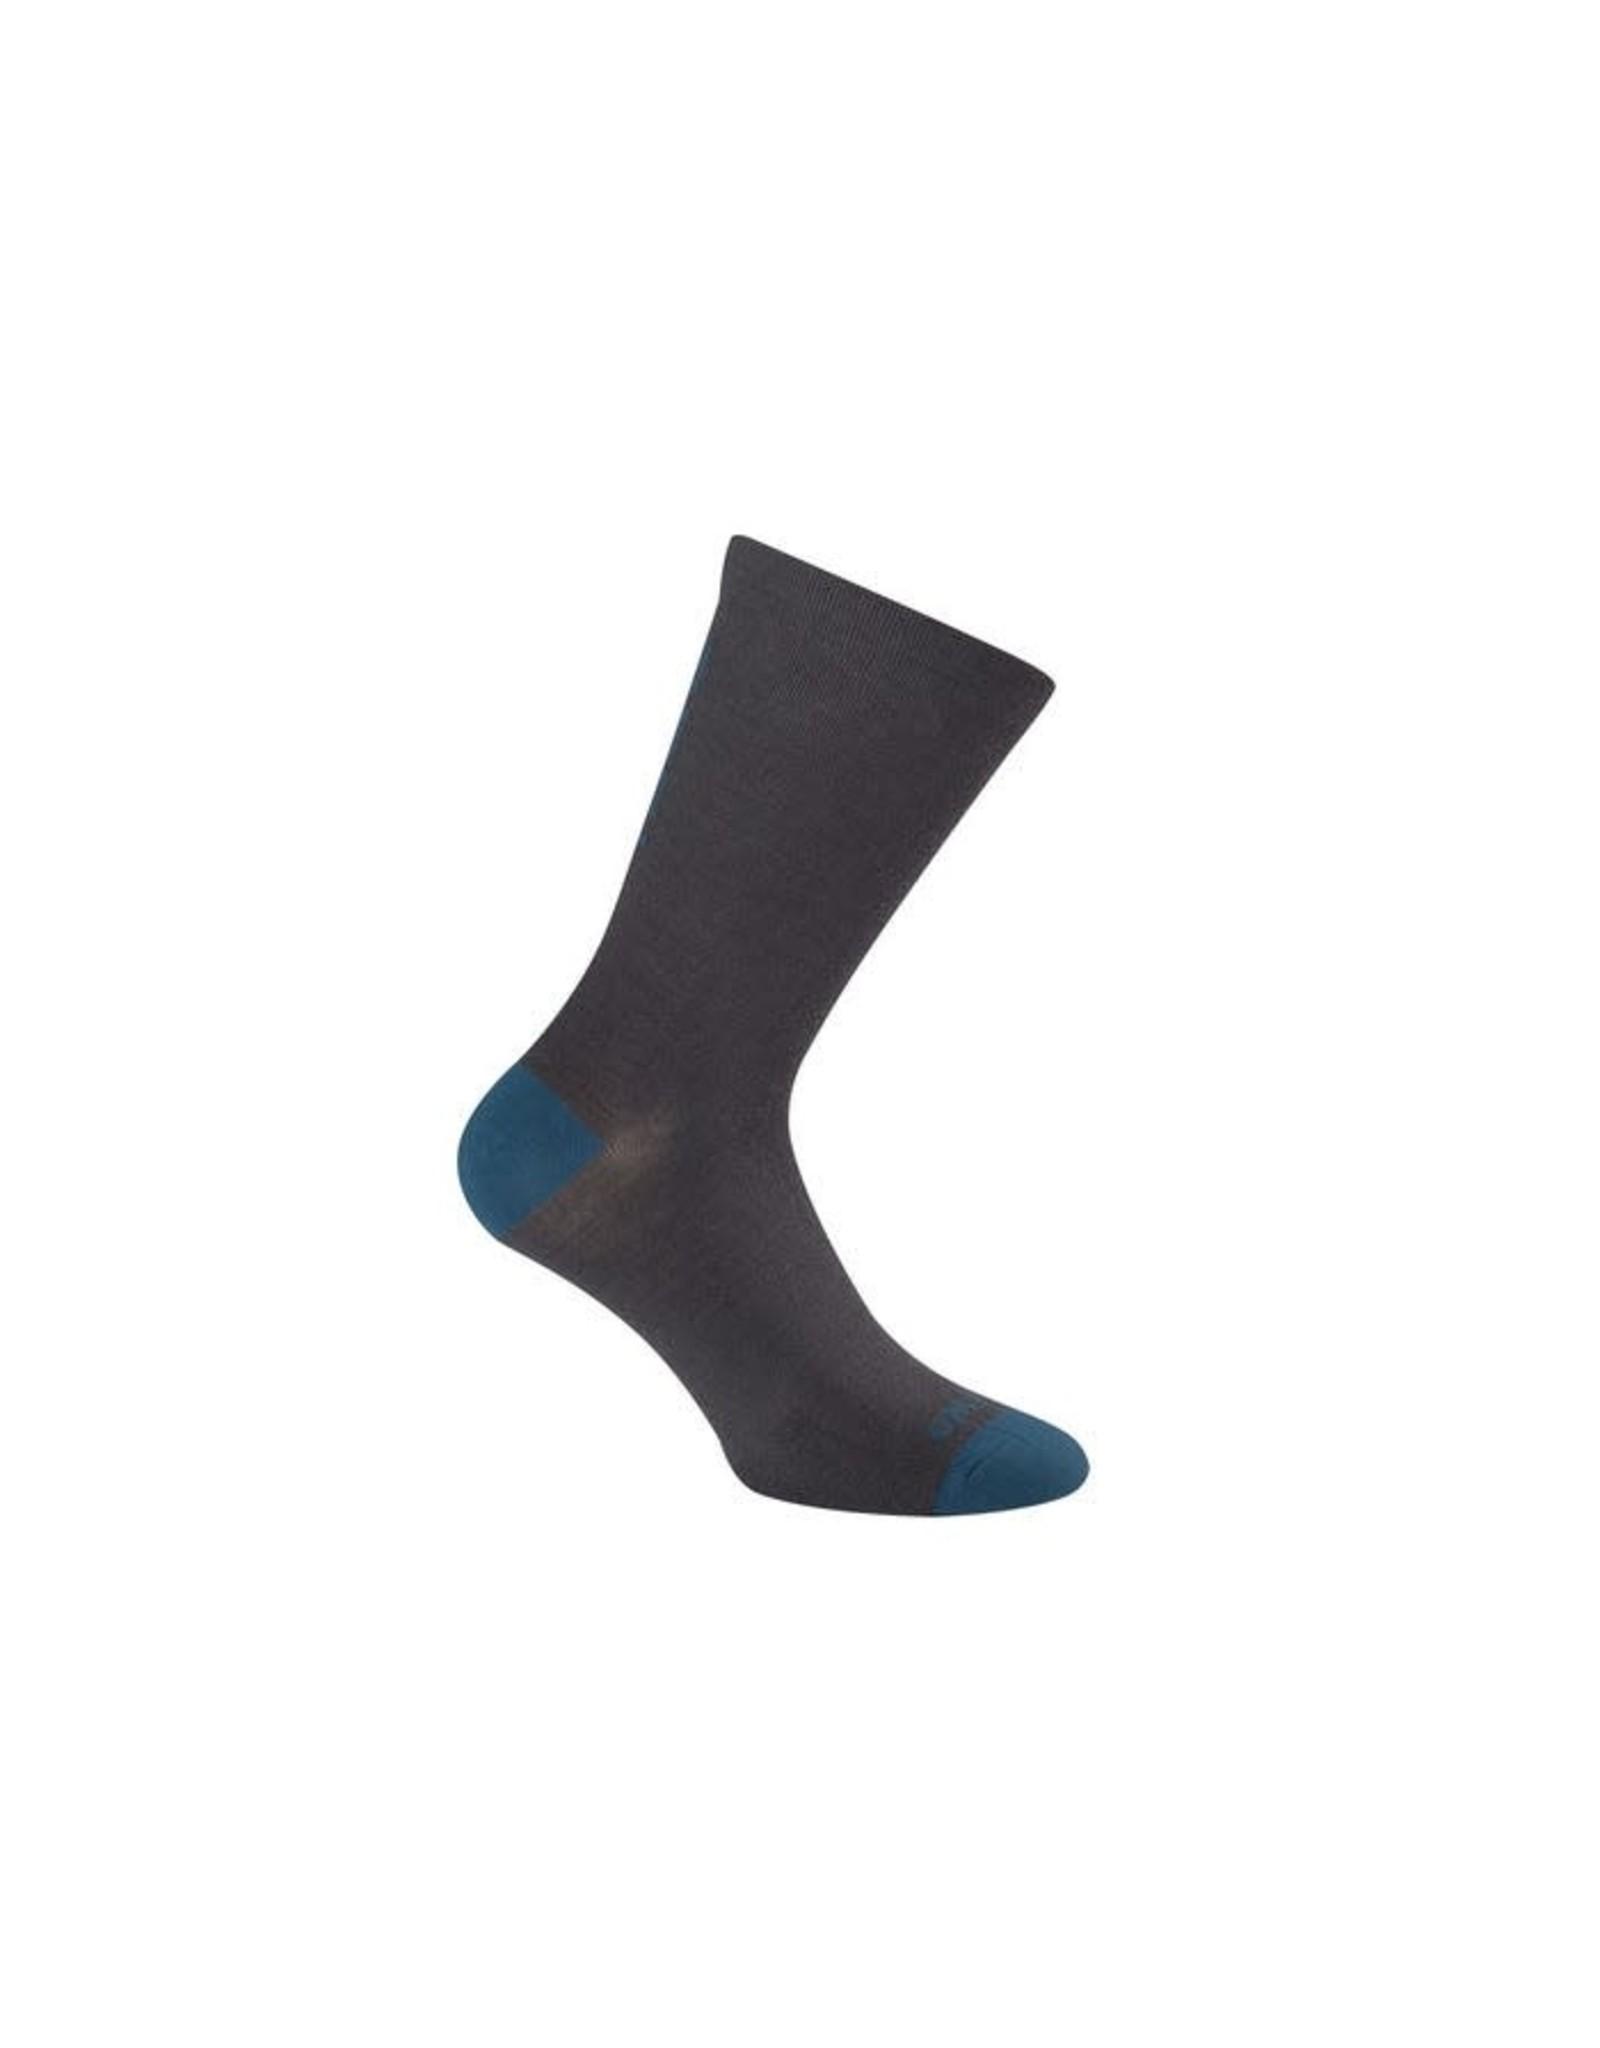 7MESH 7MESH - Ashlu Gull Merino Sock Med